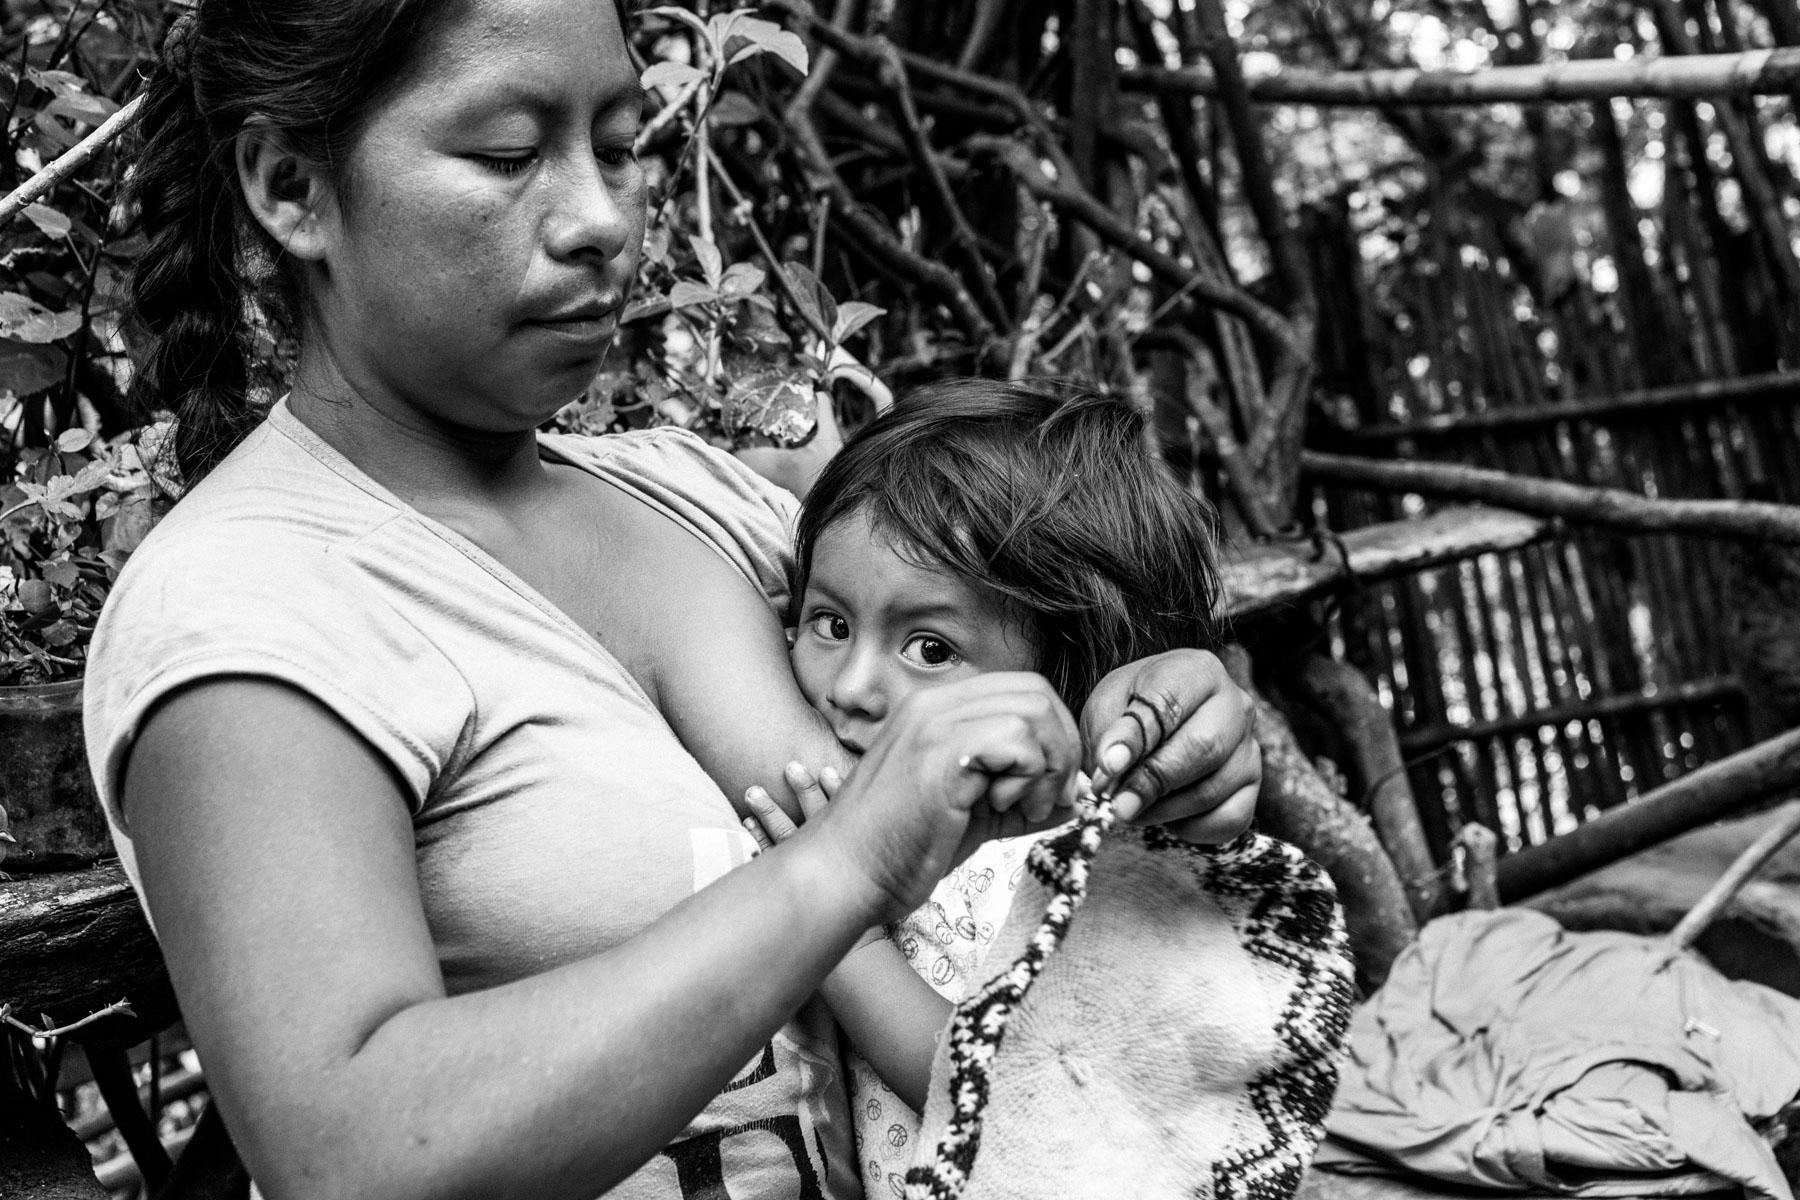 Omaira Bitonás Dagua  (36 años) con su hijo Faduar Emir Yatacue Bitonco (18 meses), El Tablazo, Toribío, Cauca, Colombia. Septiembre 6, 2018.